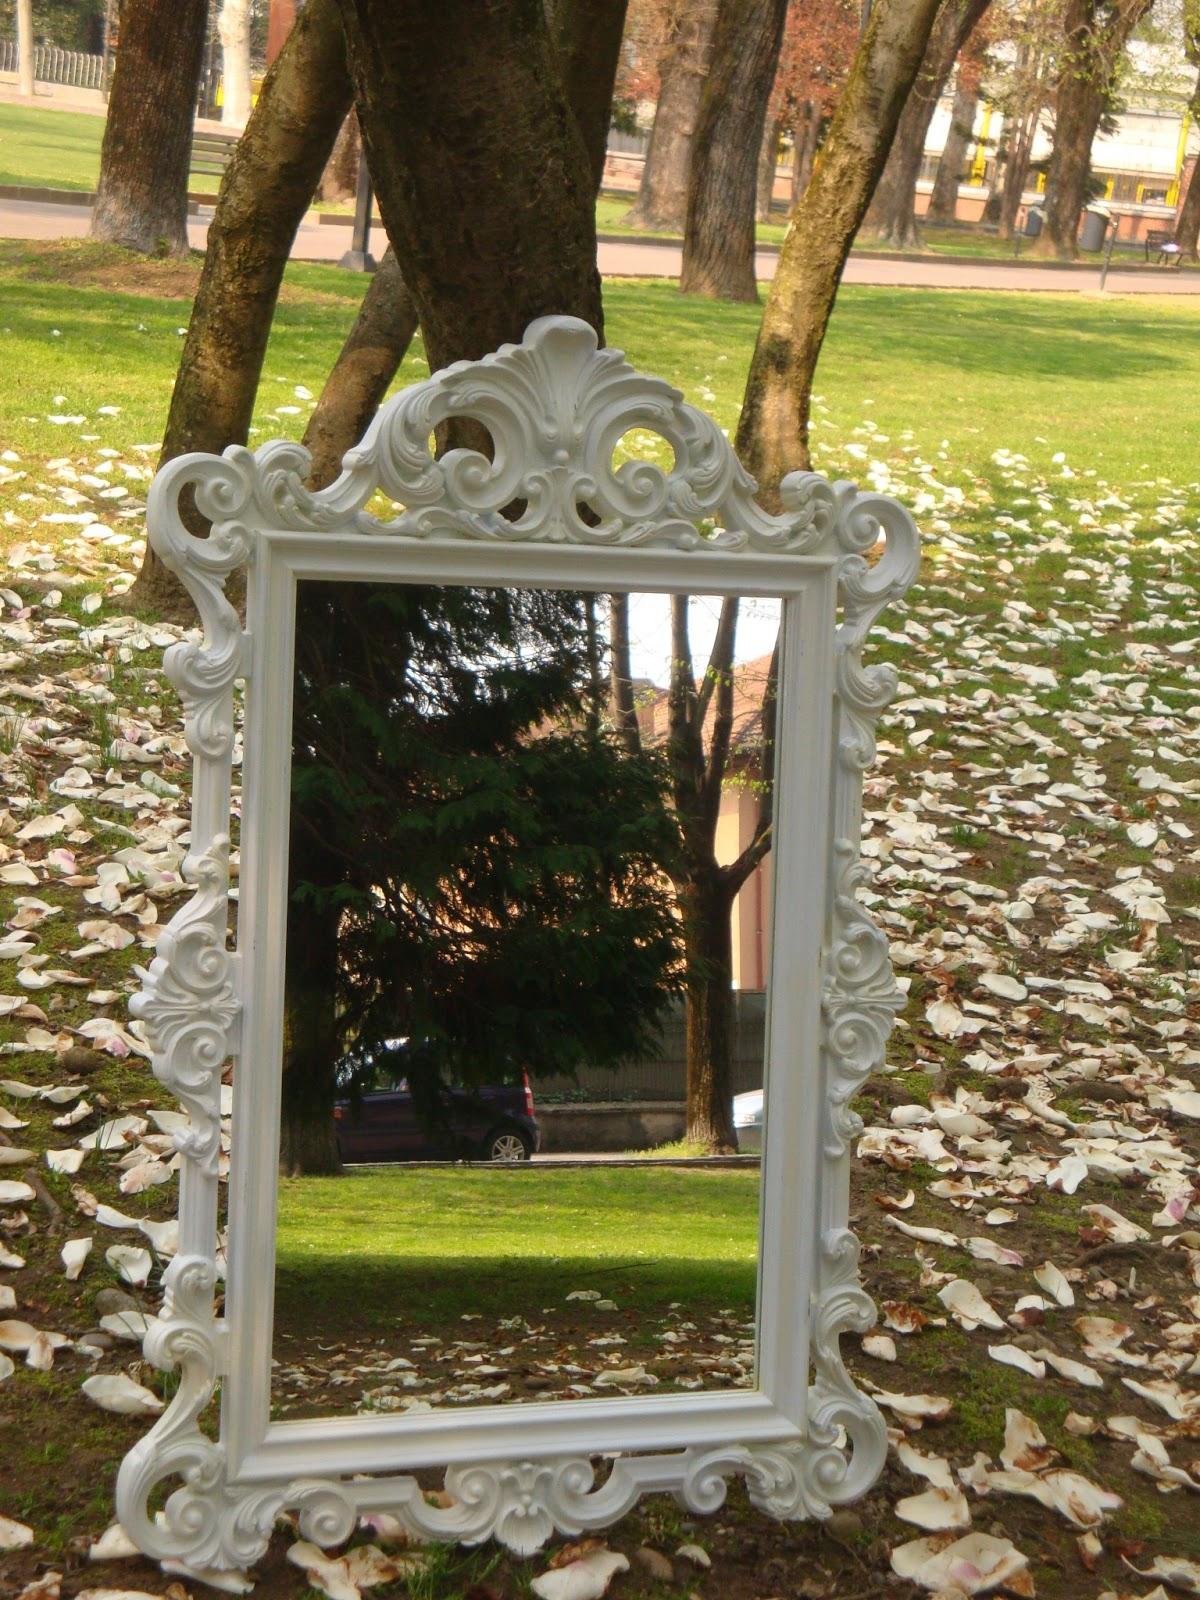 Bianco e shabby specchio specchio delle mie brame for Lots specchio